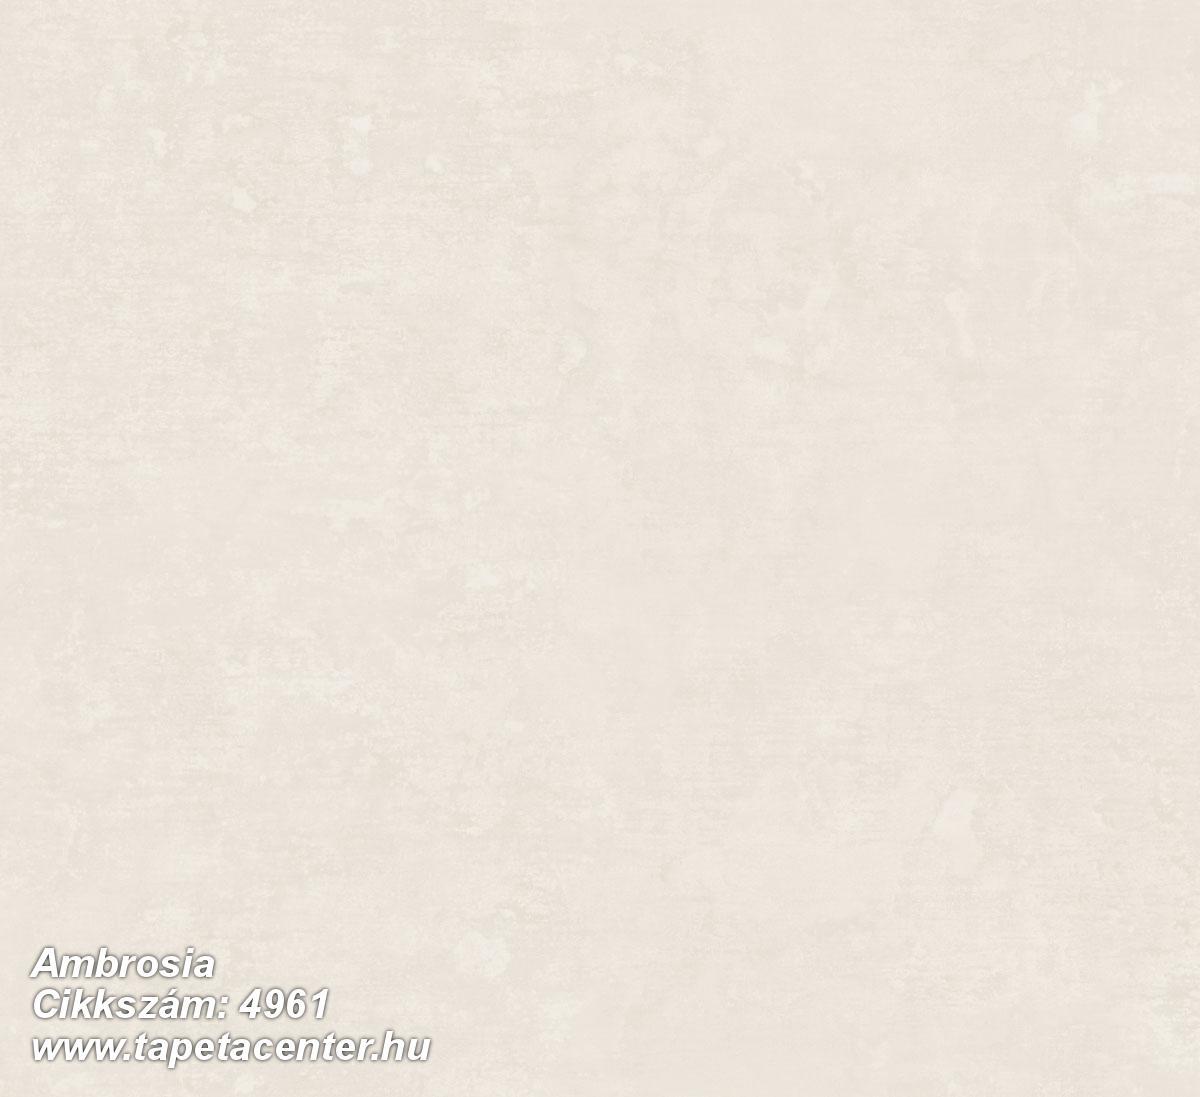 Ambrosia - 4961 Olasz tapéta